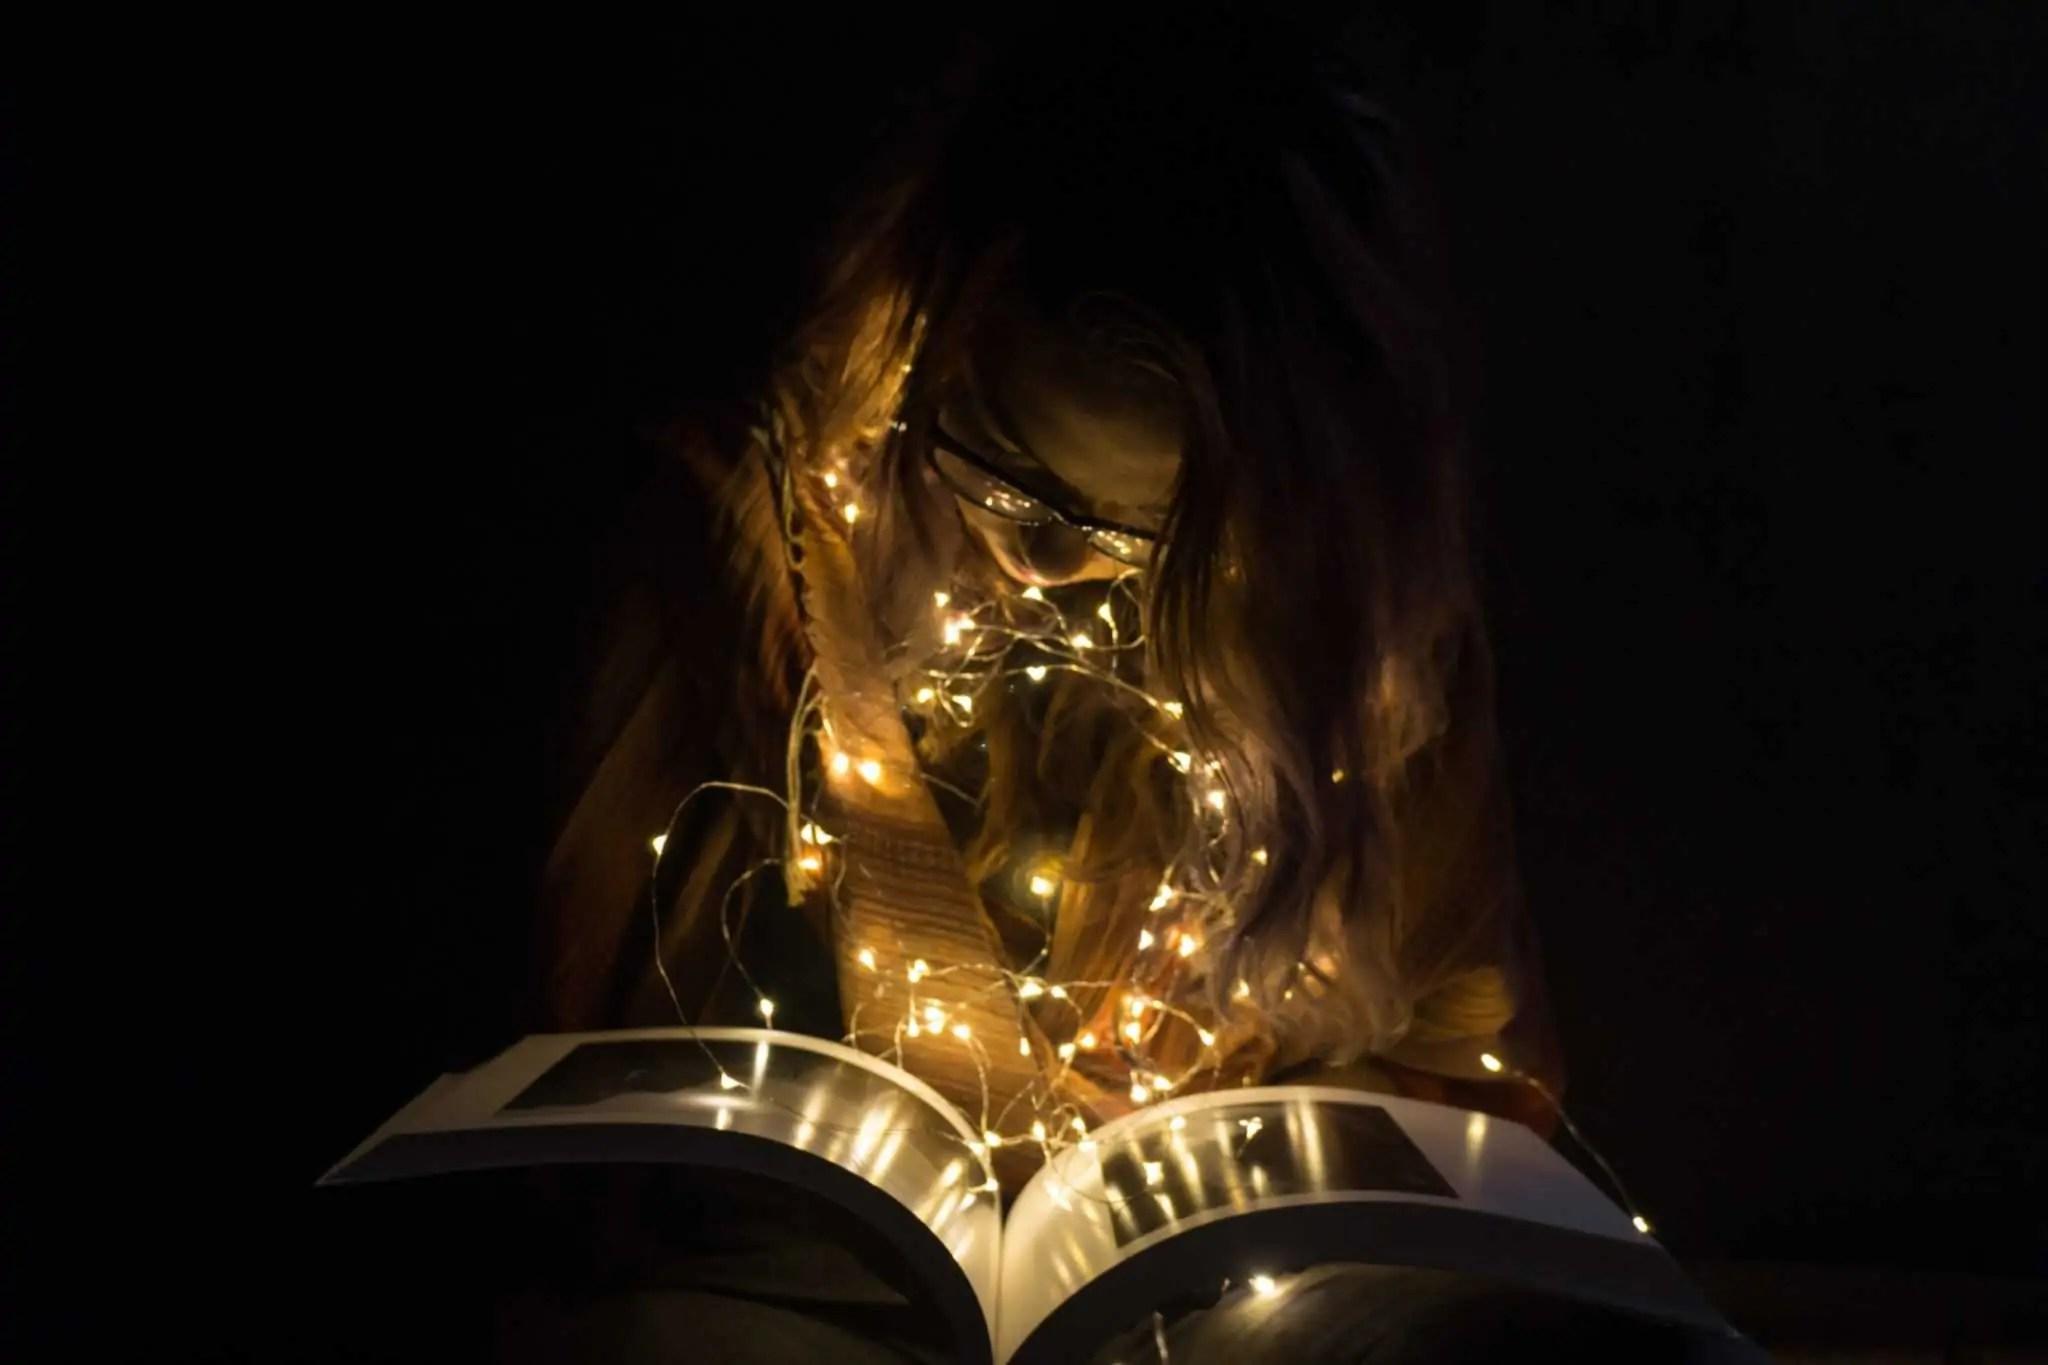 Anna światełka diody led 4 - Najlepszy prezent dla fotografa jest darmowy. Resztę kupisz do 100 pln